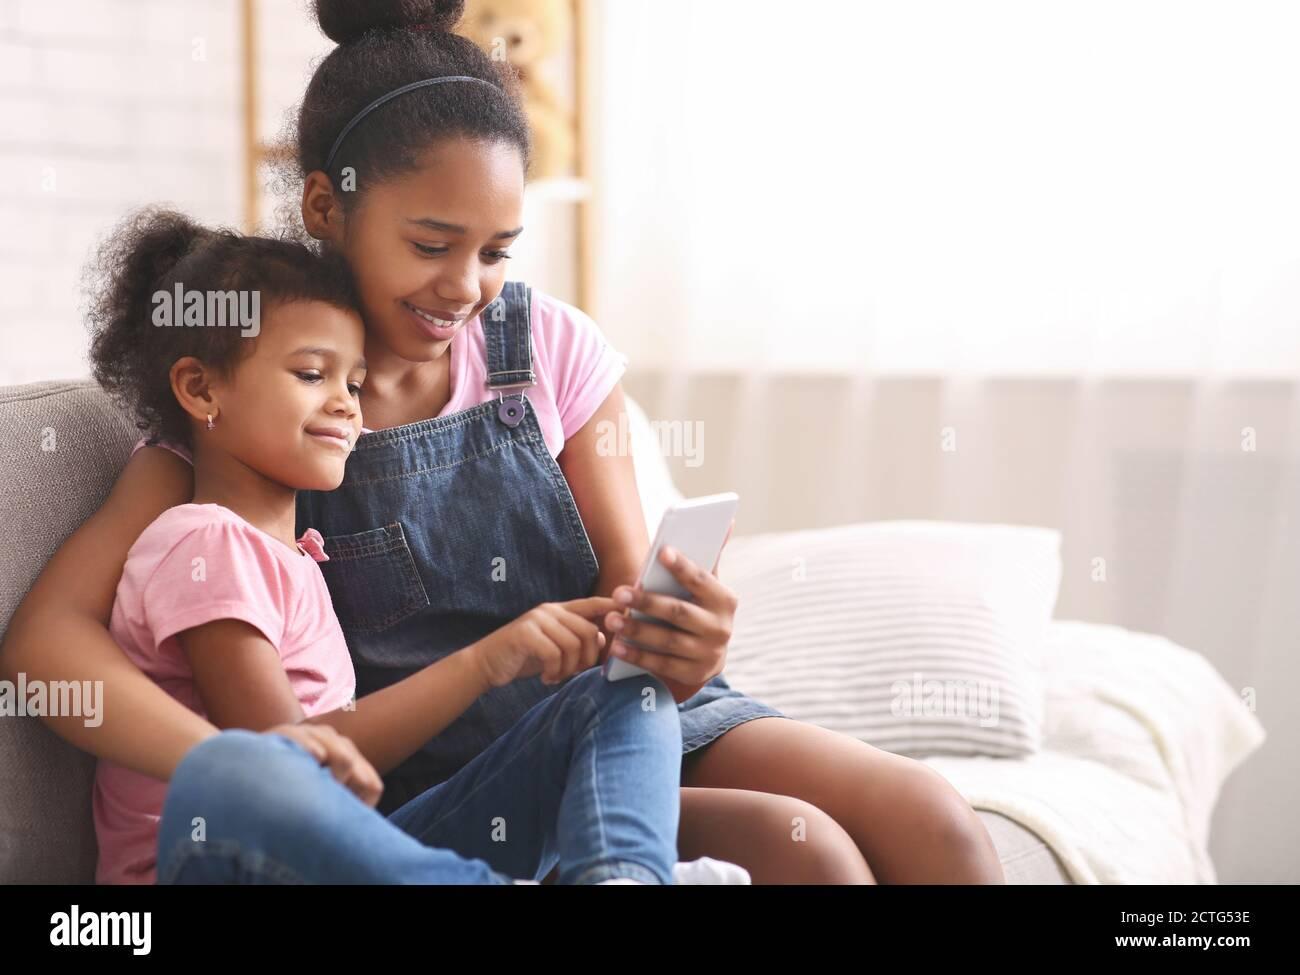 Niña afroamericana jugando en el celular de su hermana Foto de stock